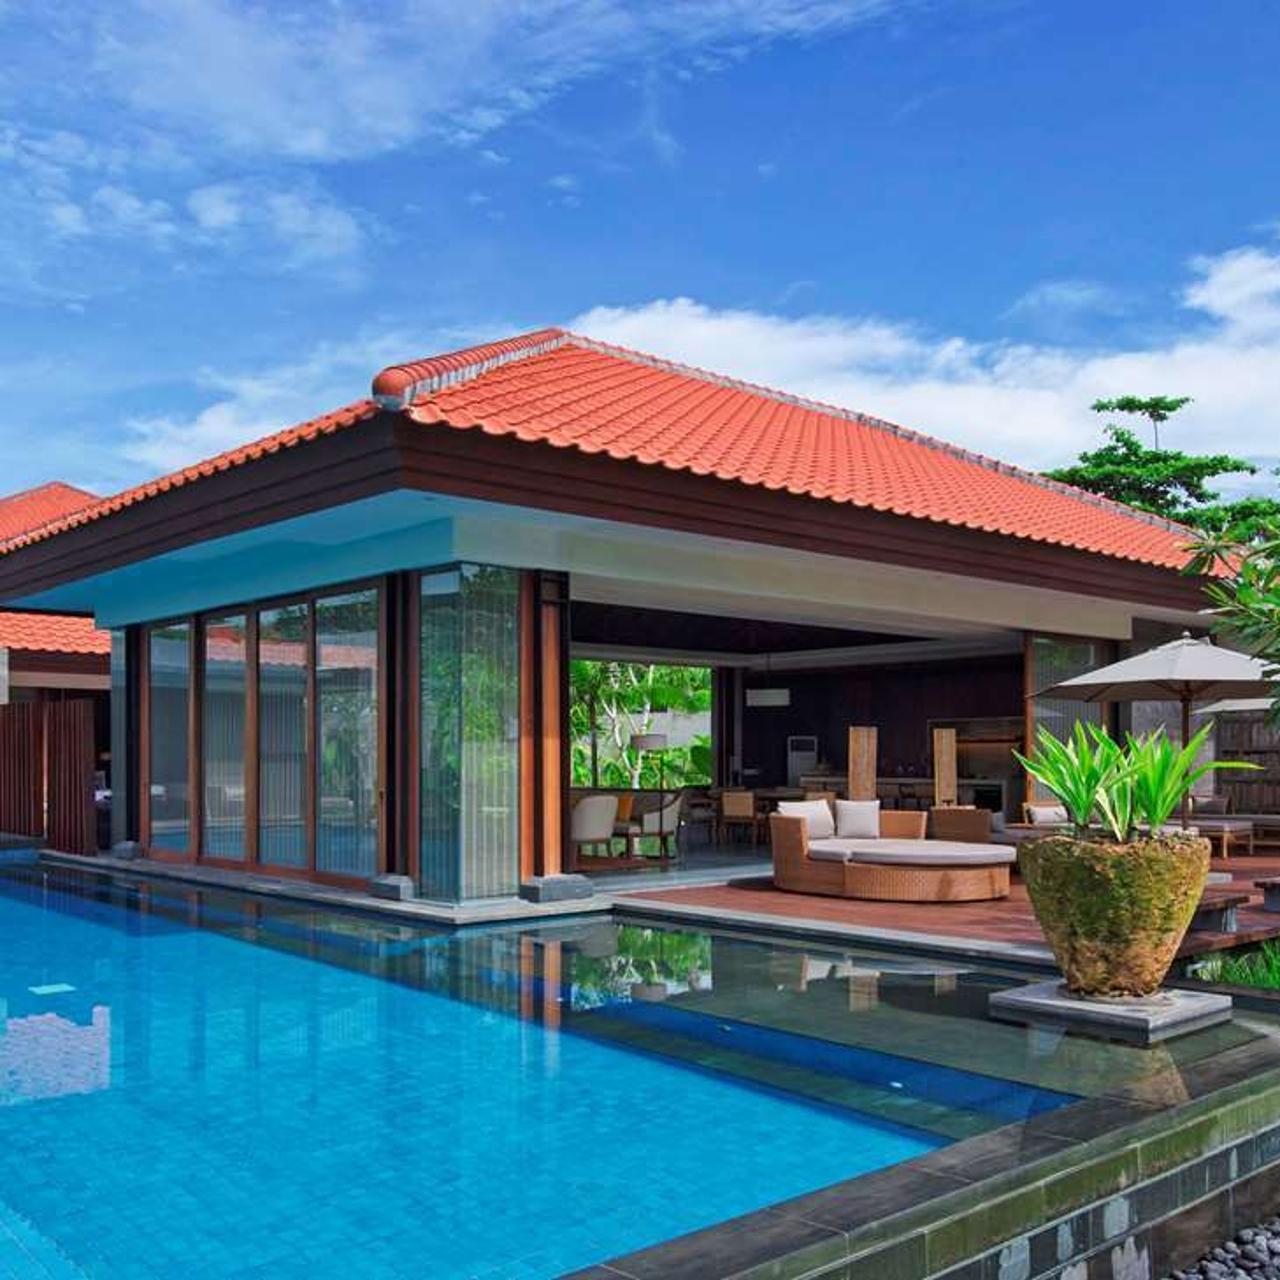 Bali 5* Hotel-Gutschein|Fairmont Sanur Beach Bali|5 Nächte für 618 Euro für 2 Personen|Gutschein von Travelzoo |Stornierbar